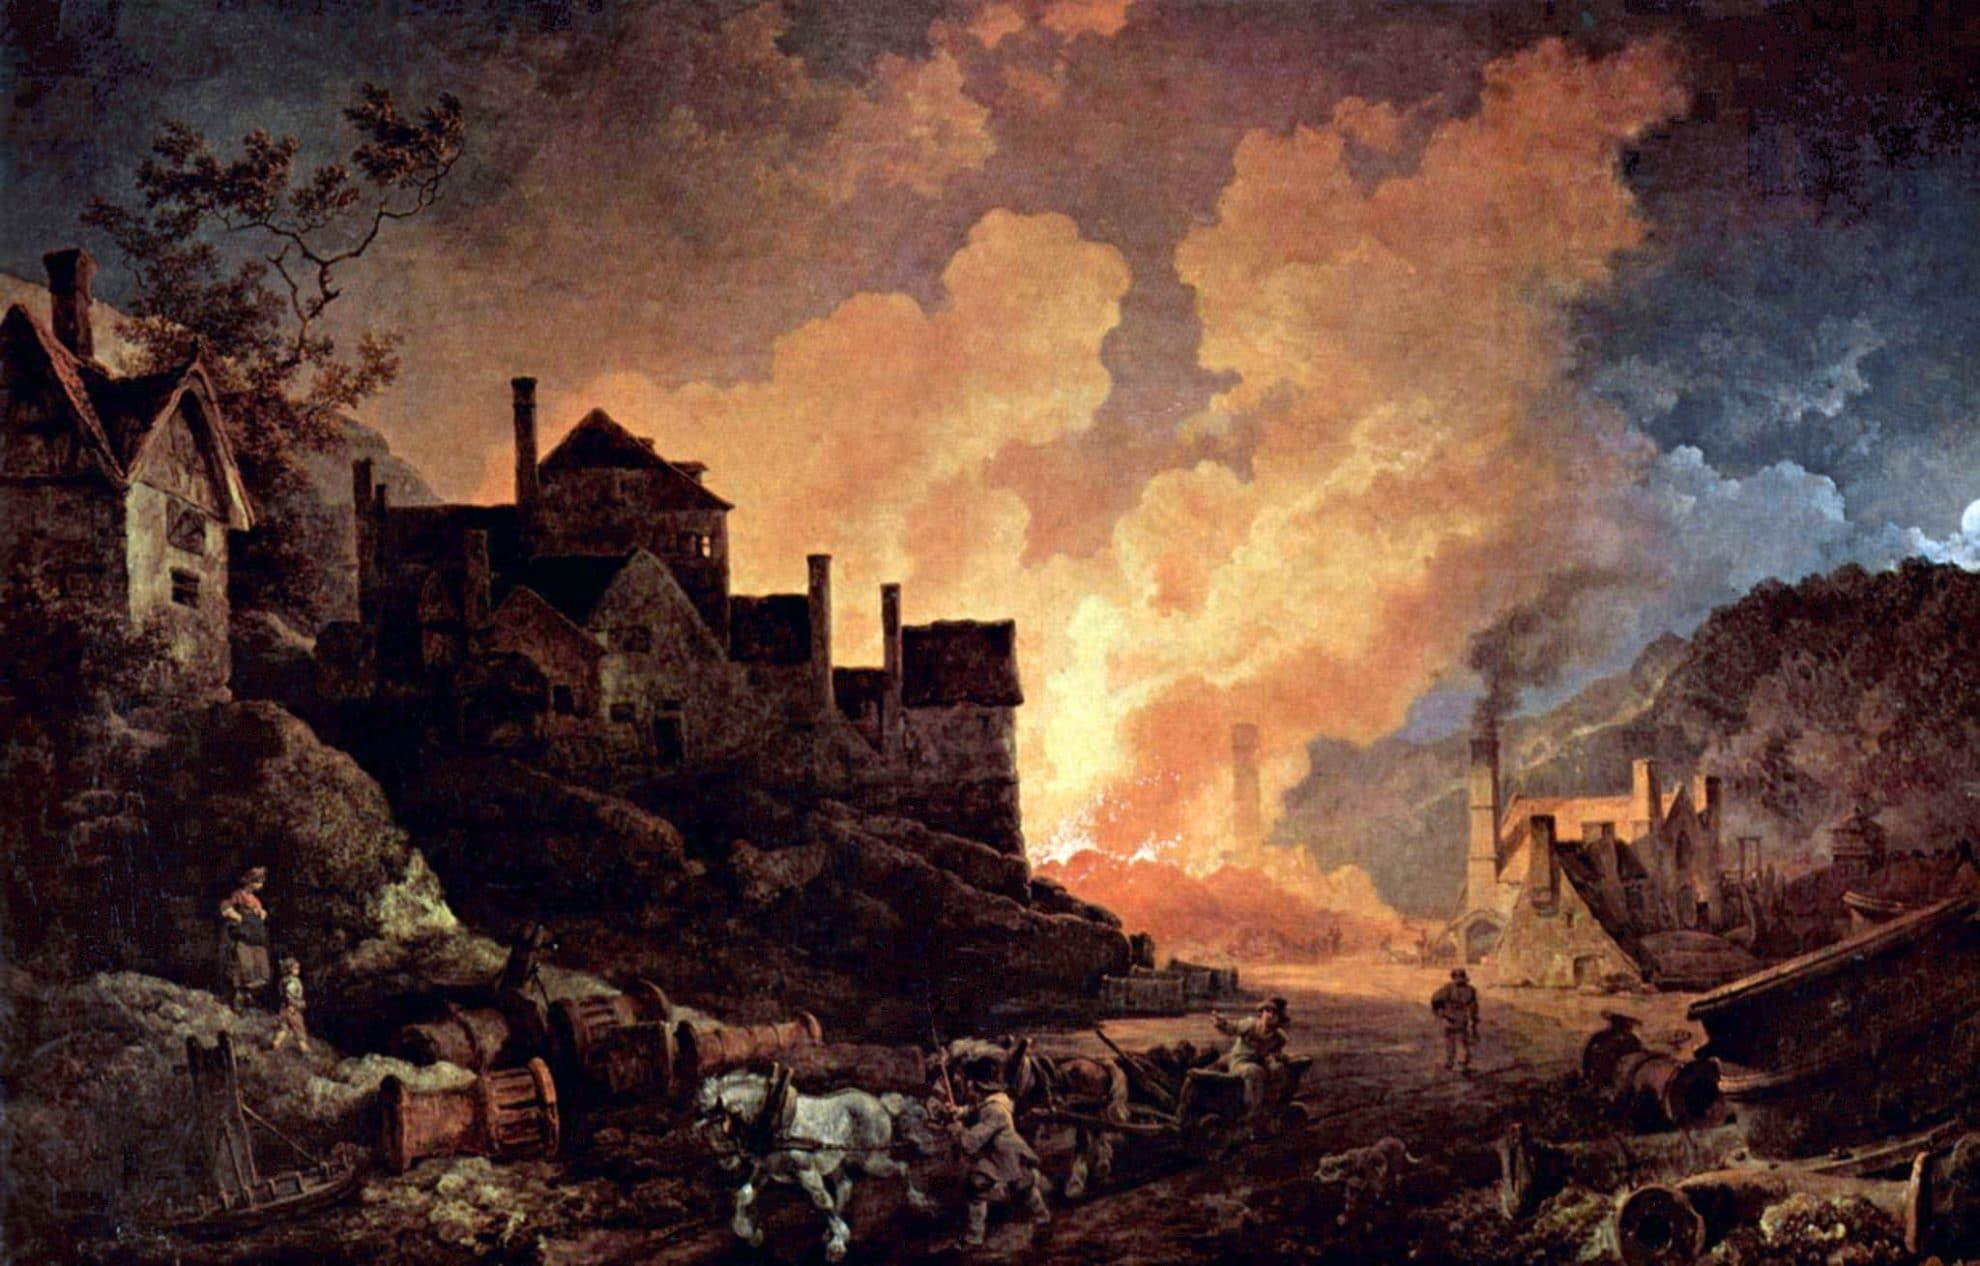 Coalbrookdale by Night er et maleri fra 1801 som på mange måter symboliserer starten på den industrielle revolusjon i England. Maleri av Philip James de Loutherbourg.